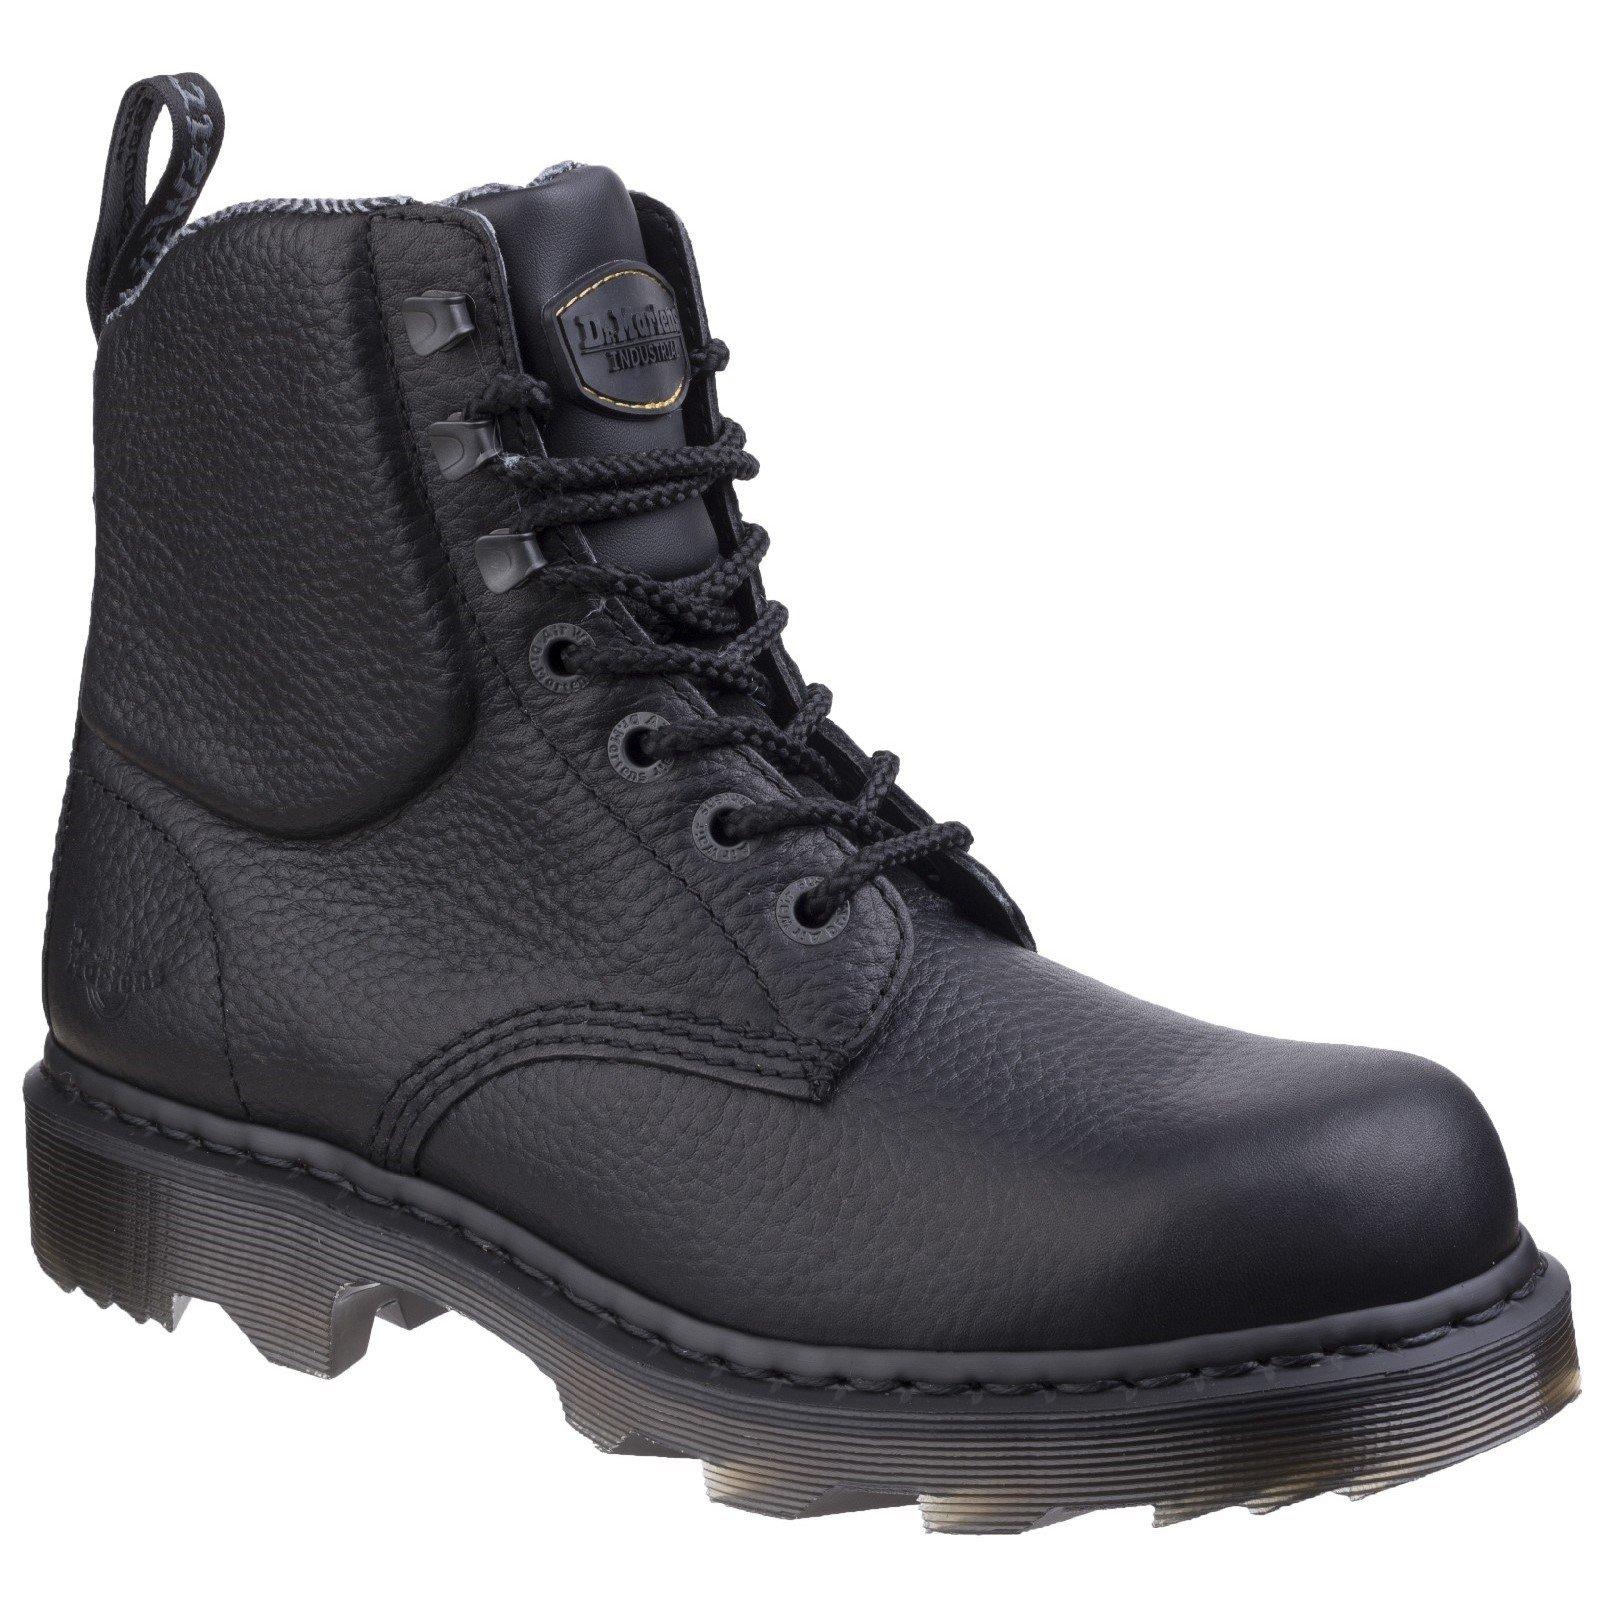 Dr Martens Unisex Calshott Service Boot Black 26024-43394 - Black 6